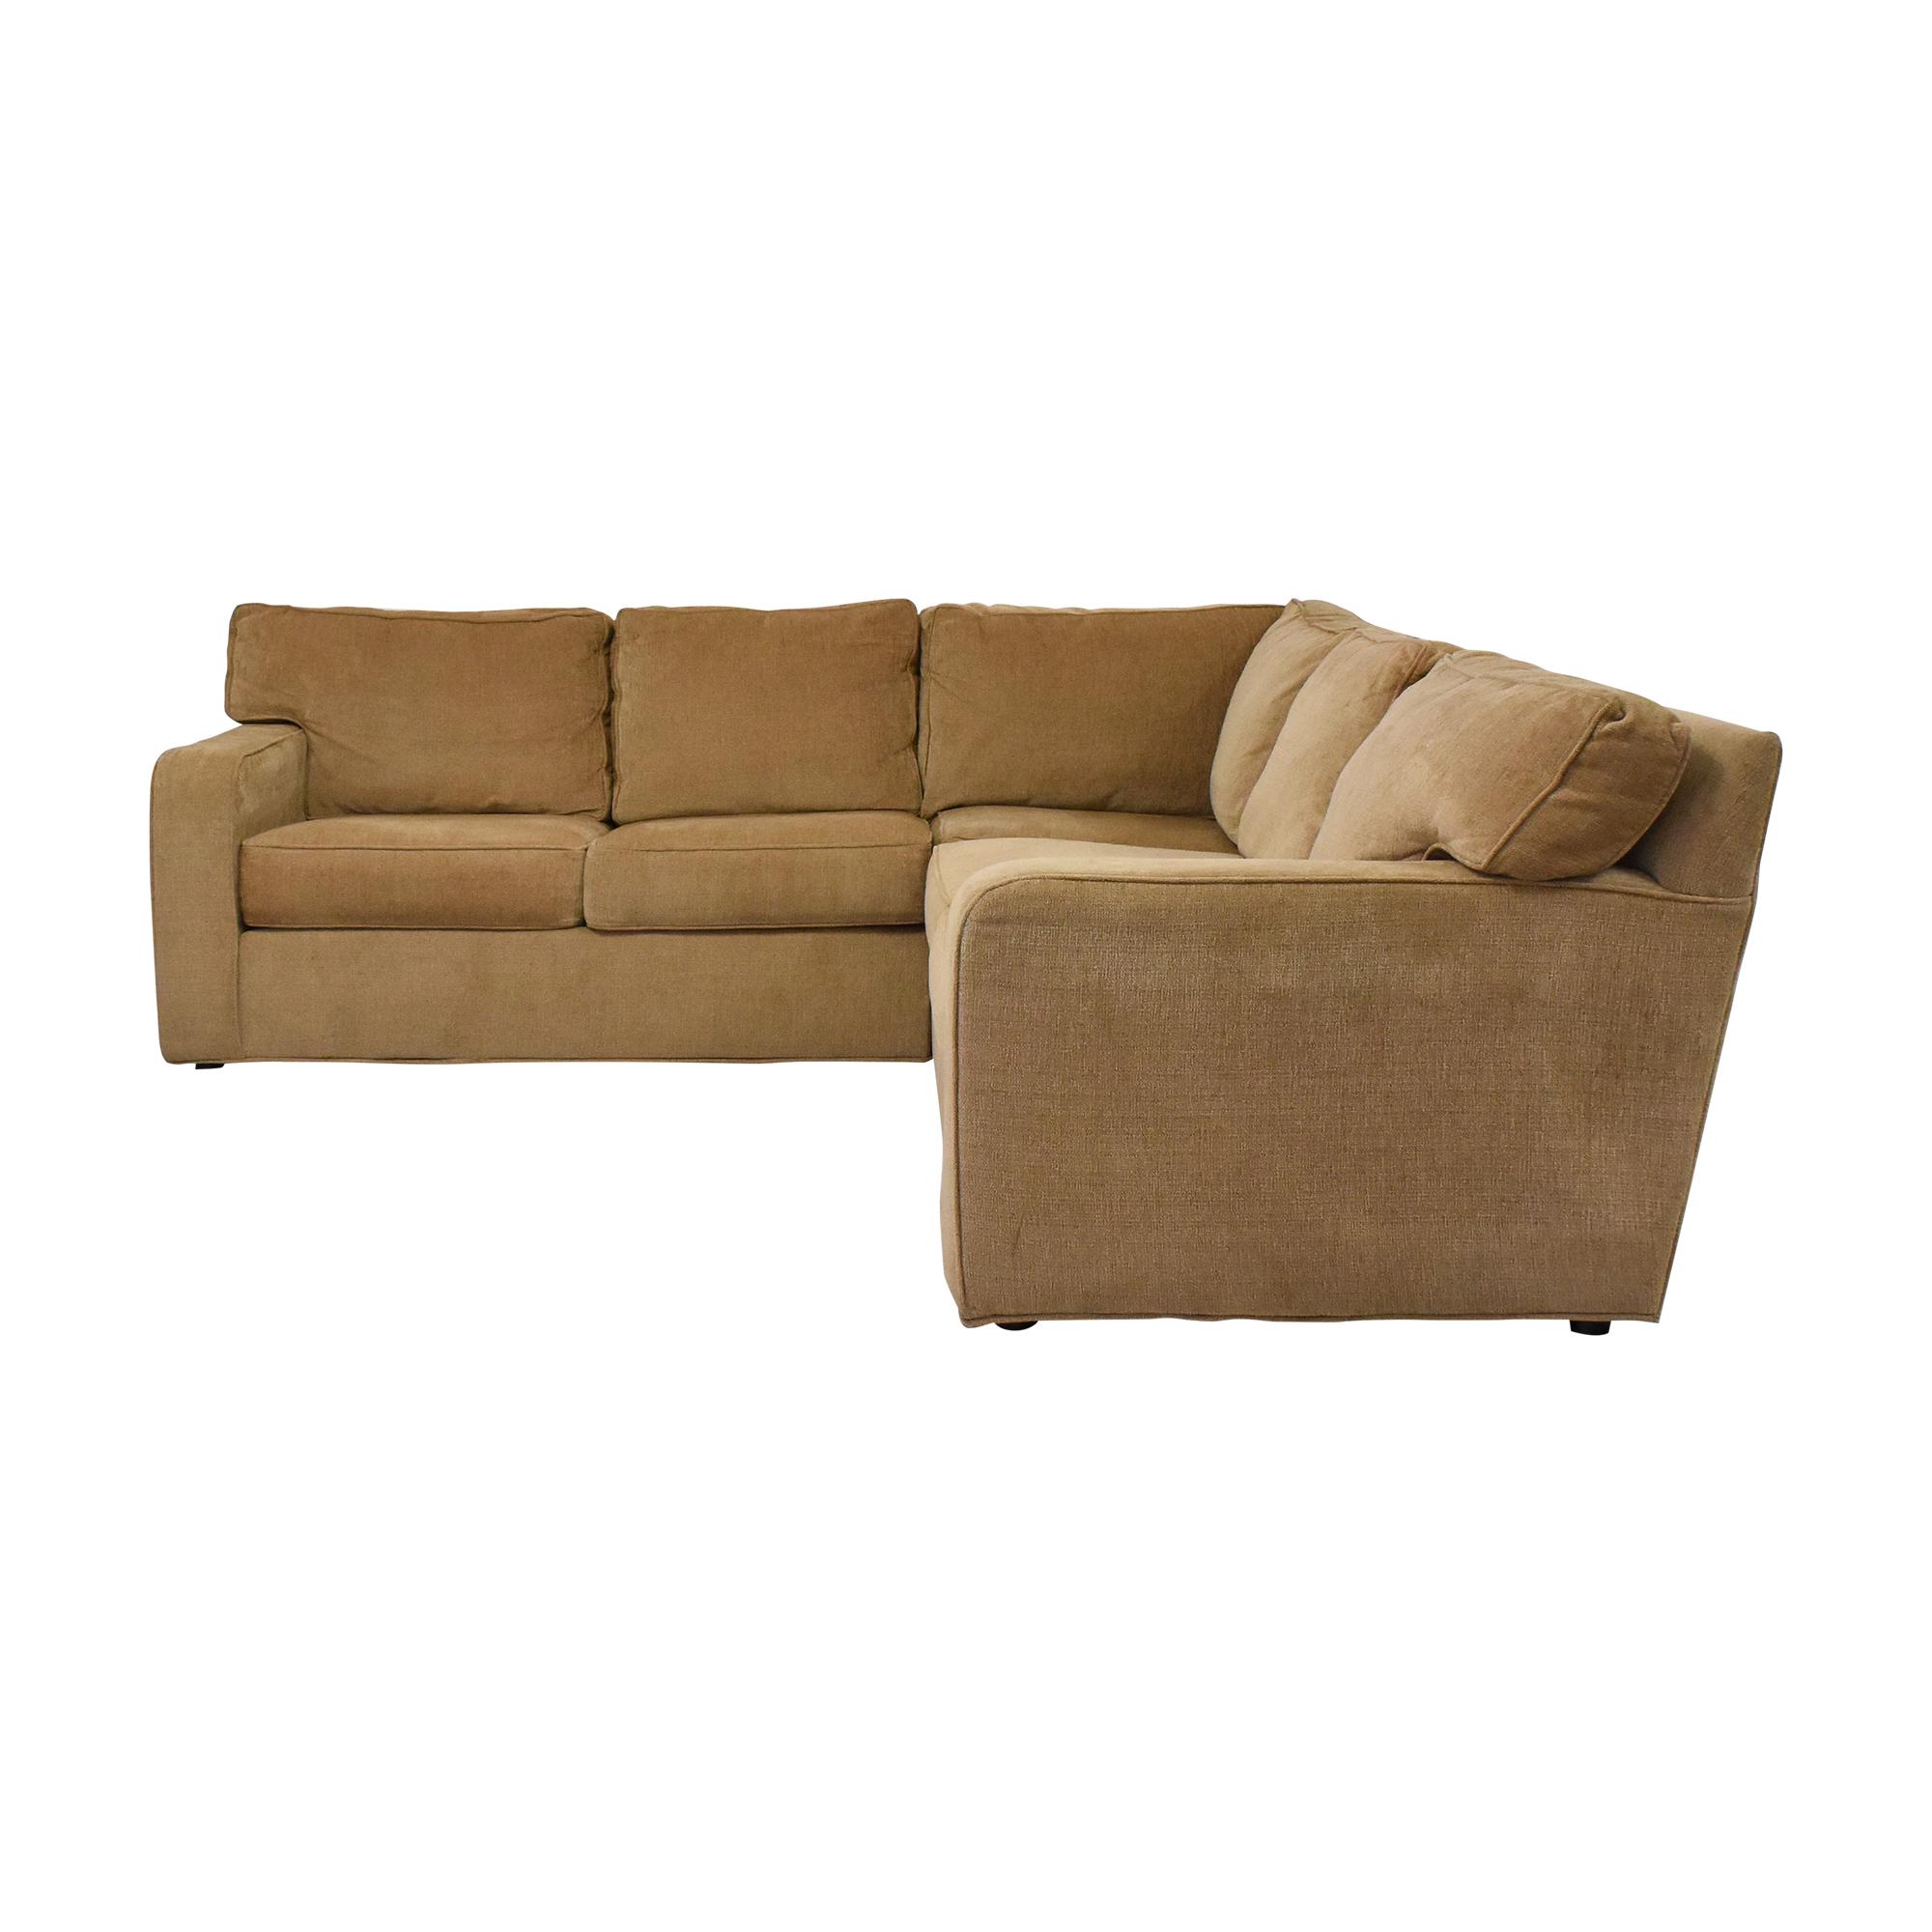 Ethan Allen Ethan Allen Bennett Roll-Arm Three-Piece Sectional Sofa